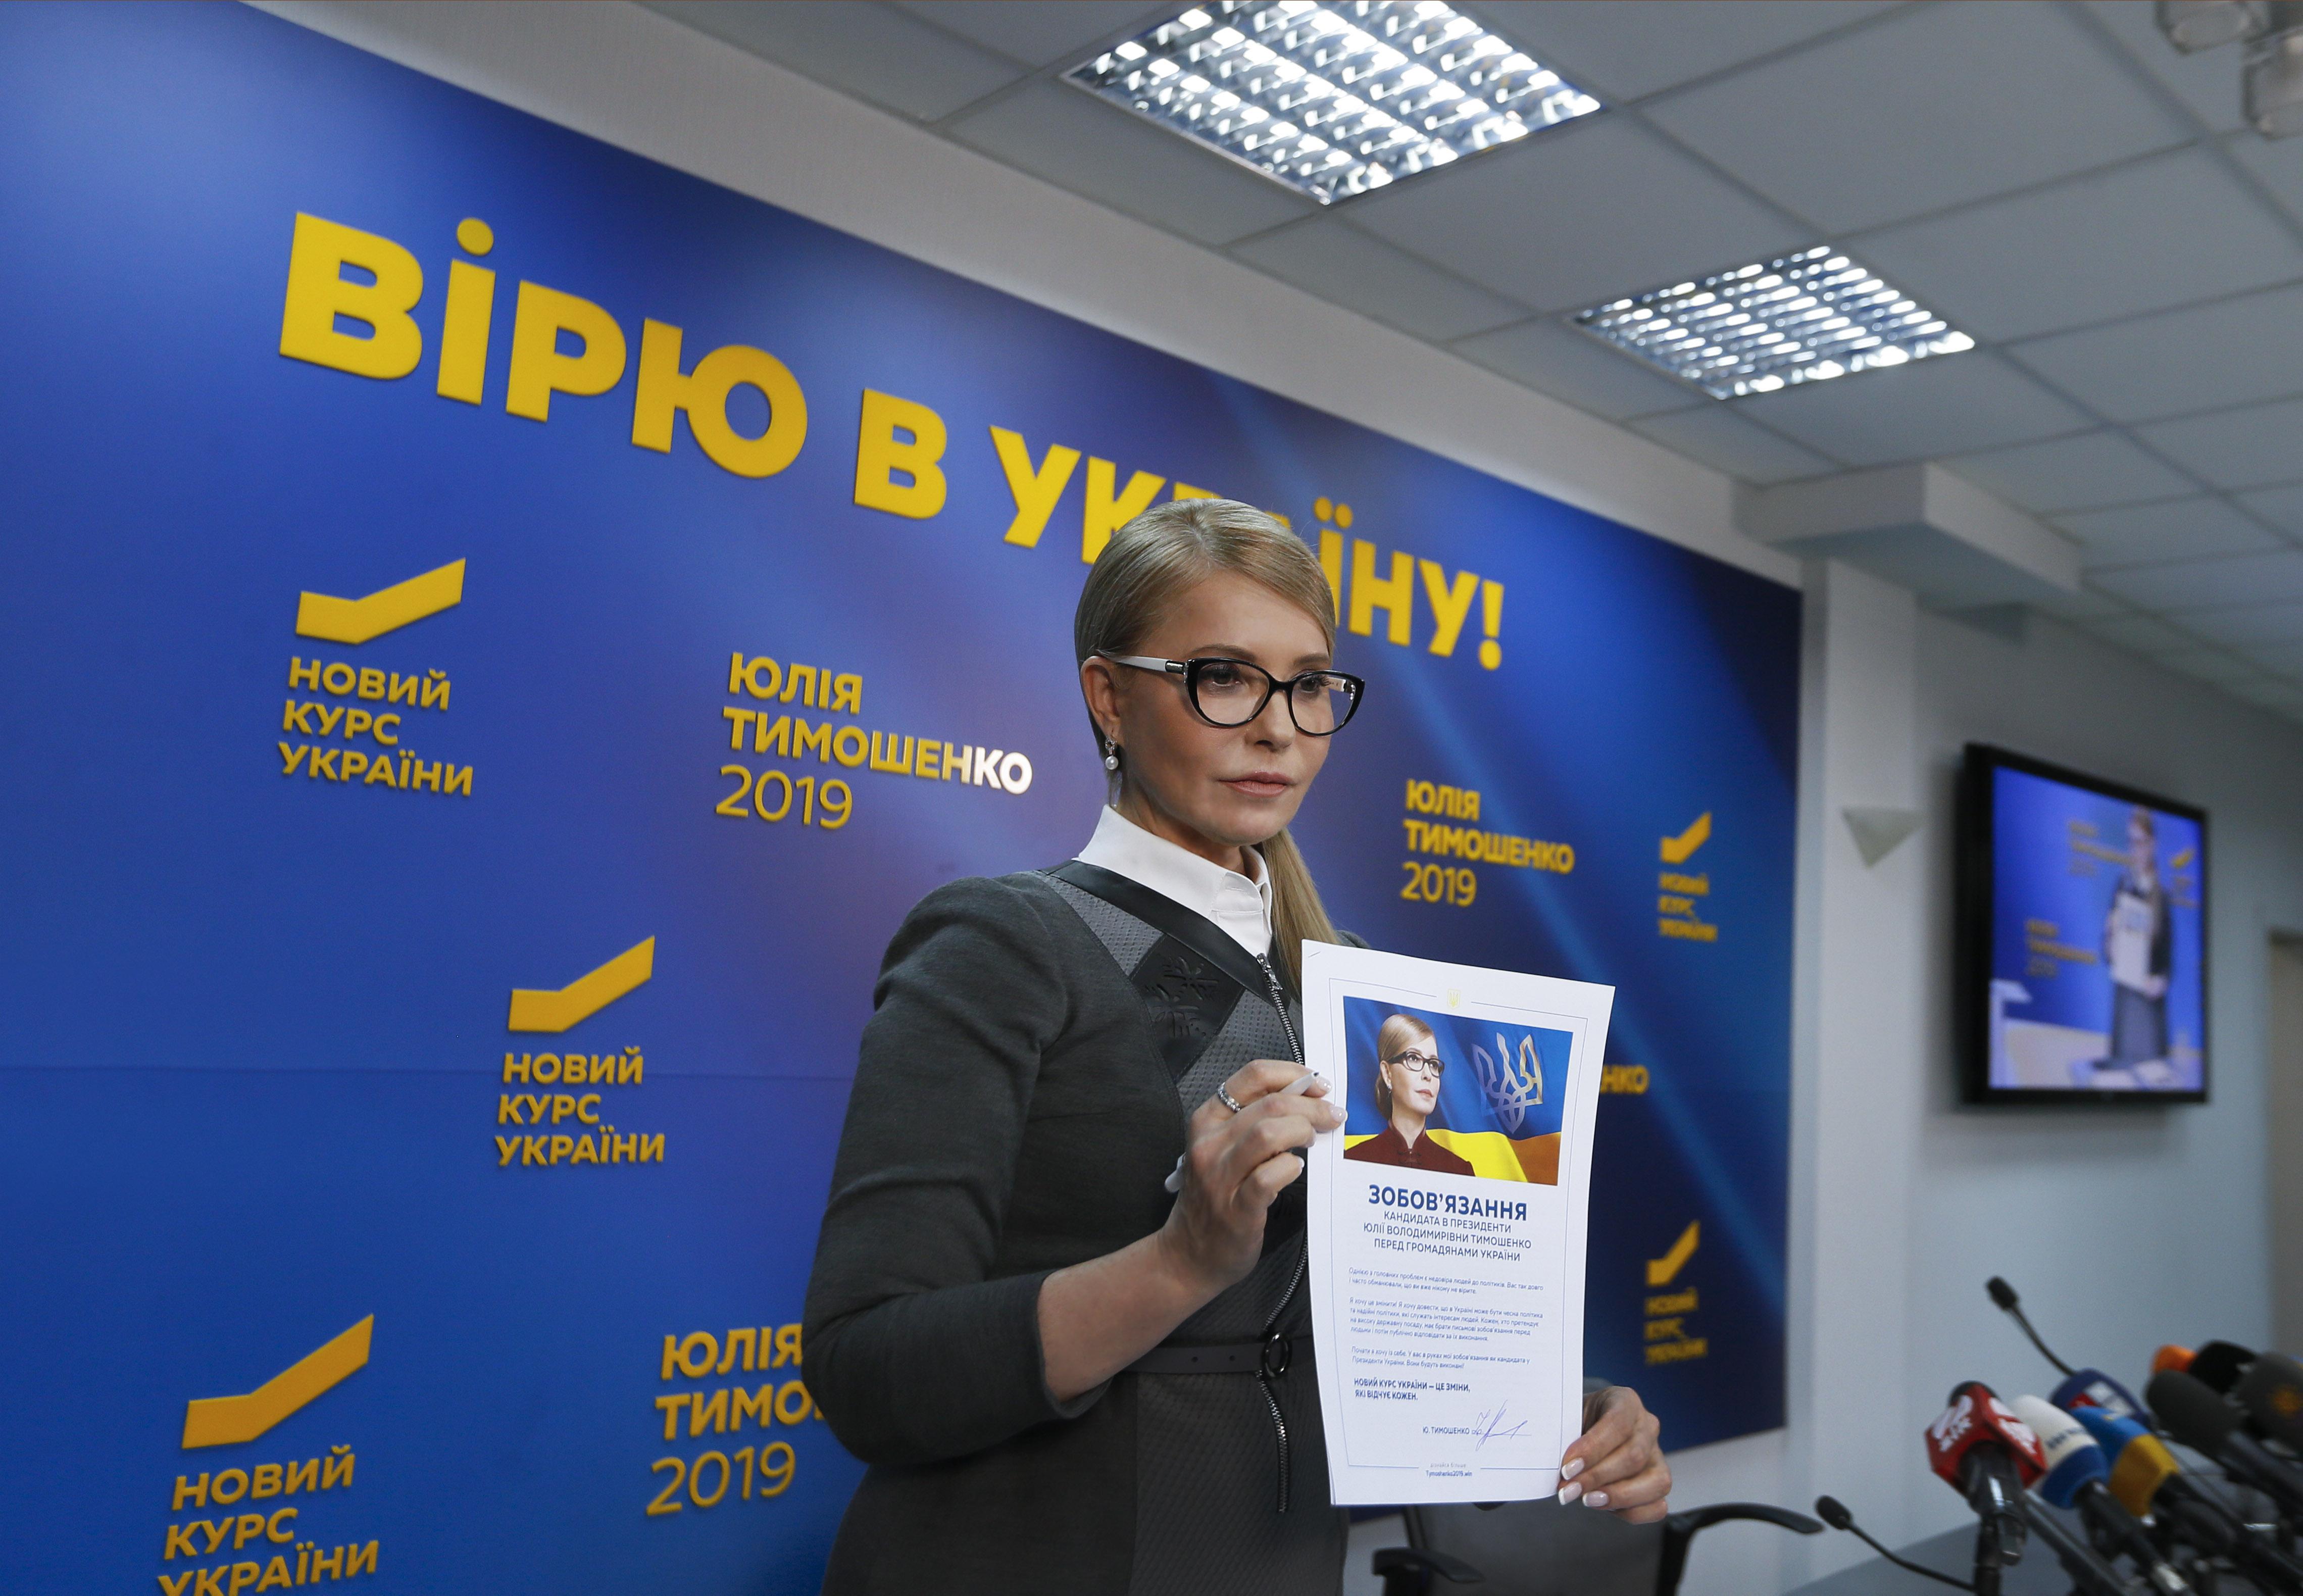 юлія тимошенко, підписання, зобовязання, фото, тернопільський тиждень